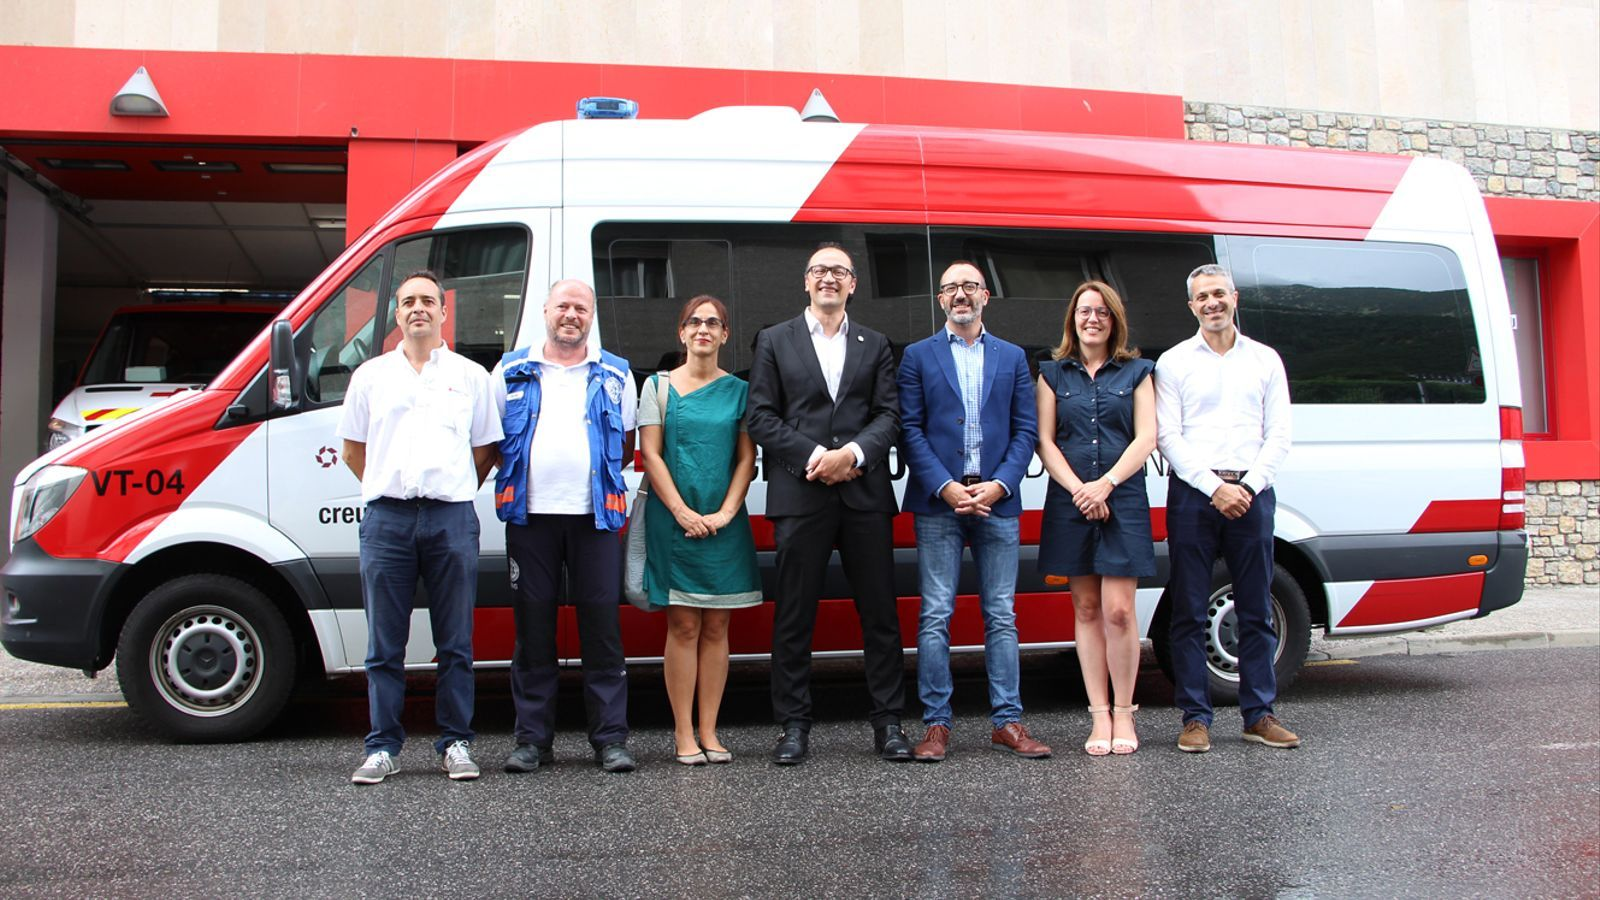 Un dels vehicles que s'ha incorporat als serveis de la Creu Roja Andorrana i les autoritats que han assistit en l'esdeveniment. / M. P. (ANA)